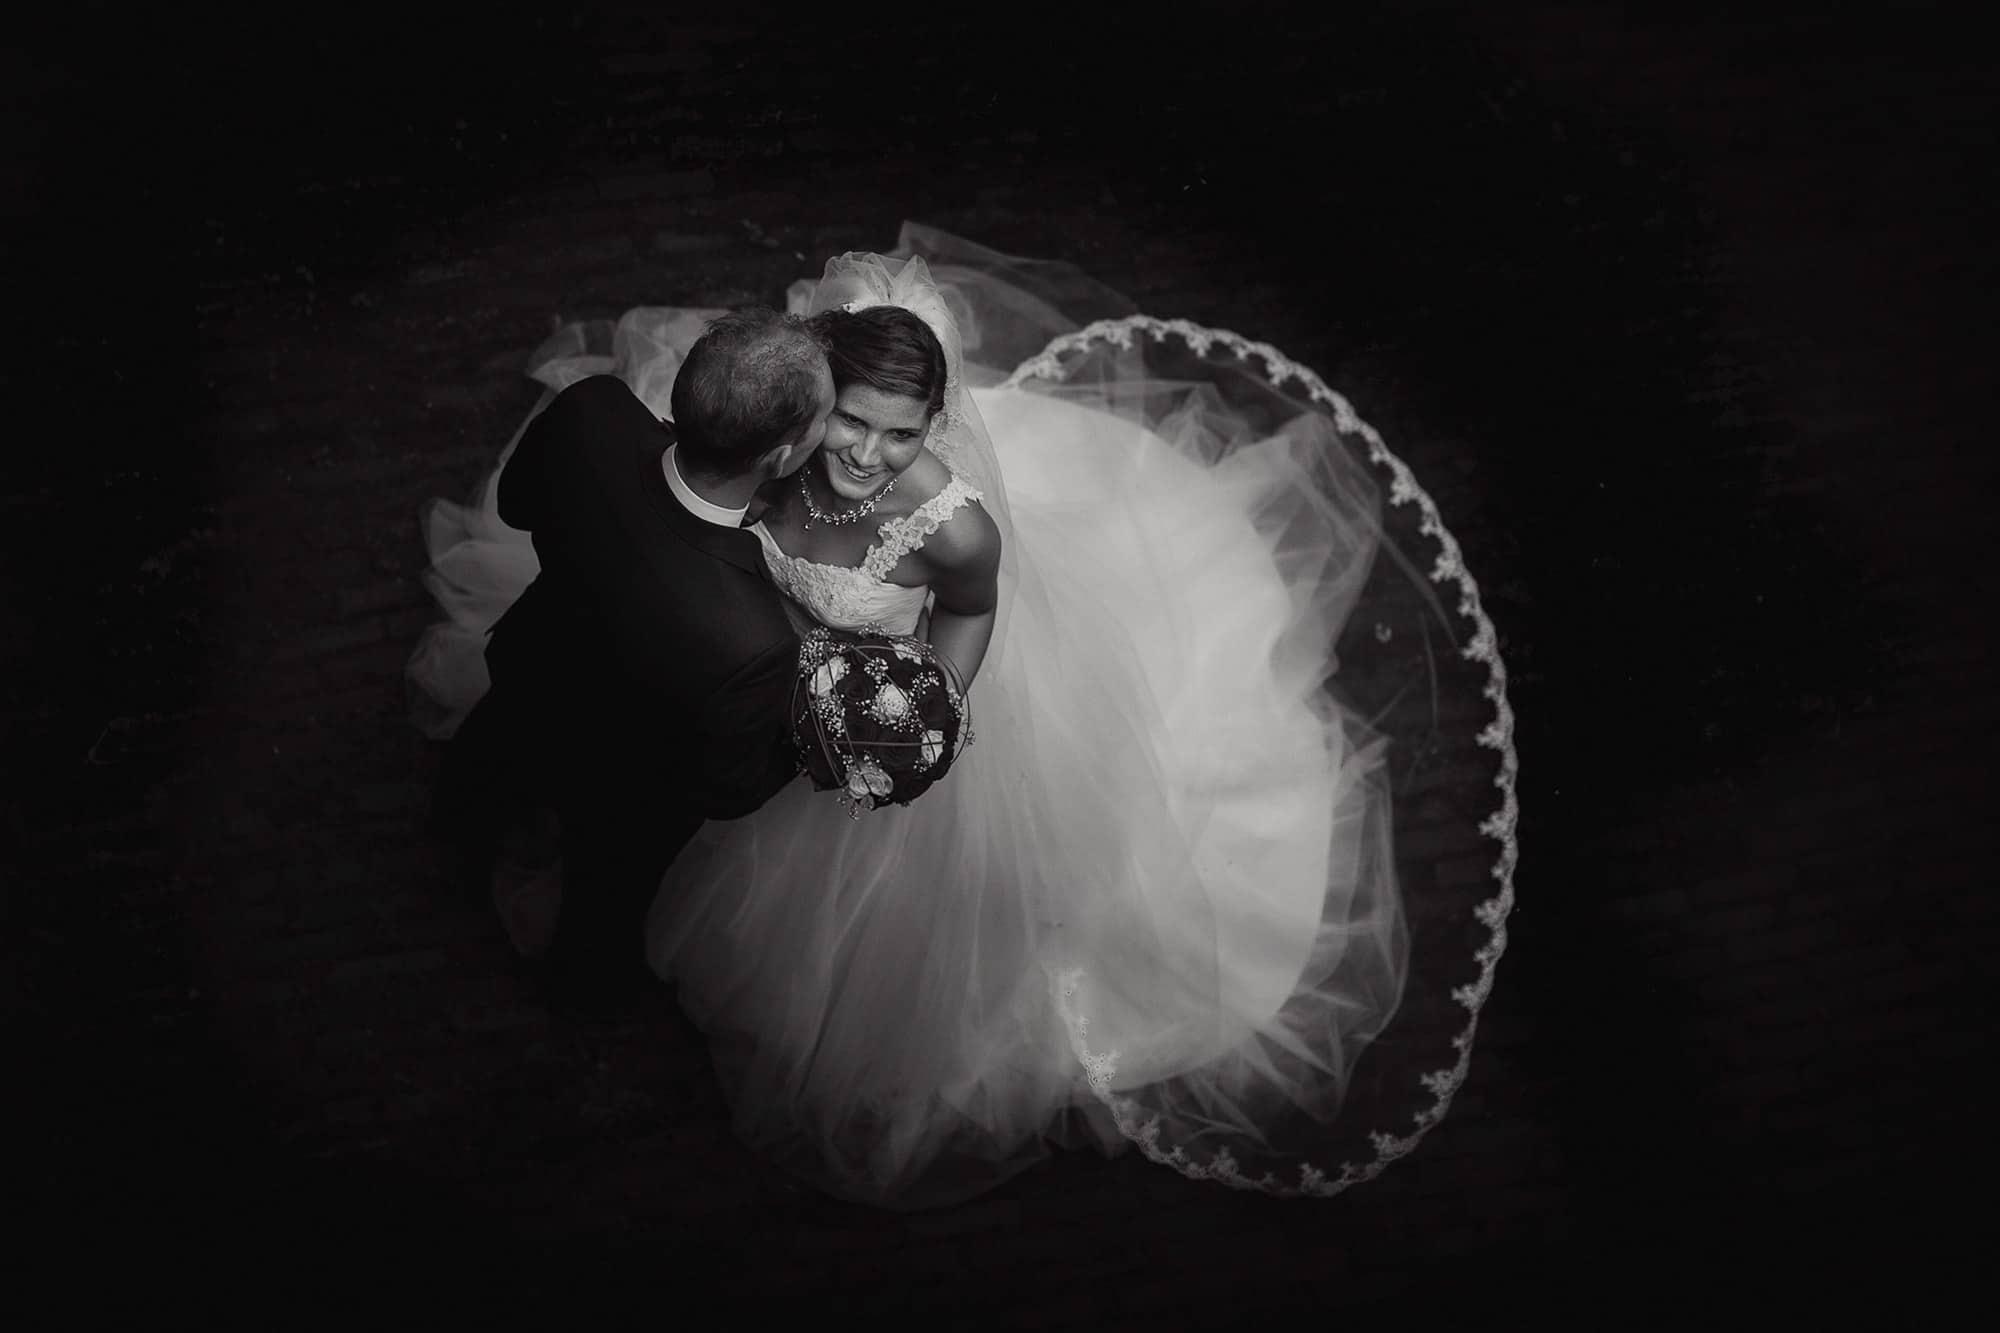 zwart-wit bruidsfoto